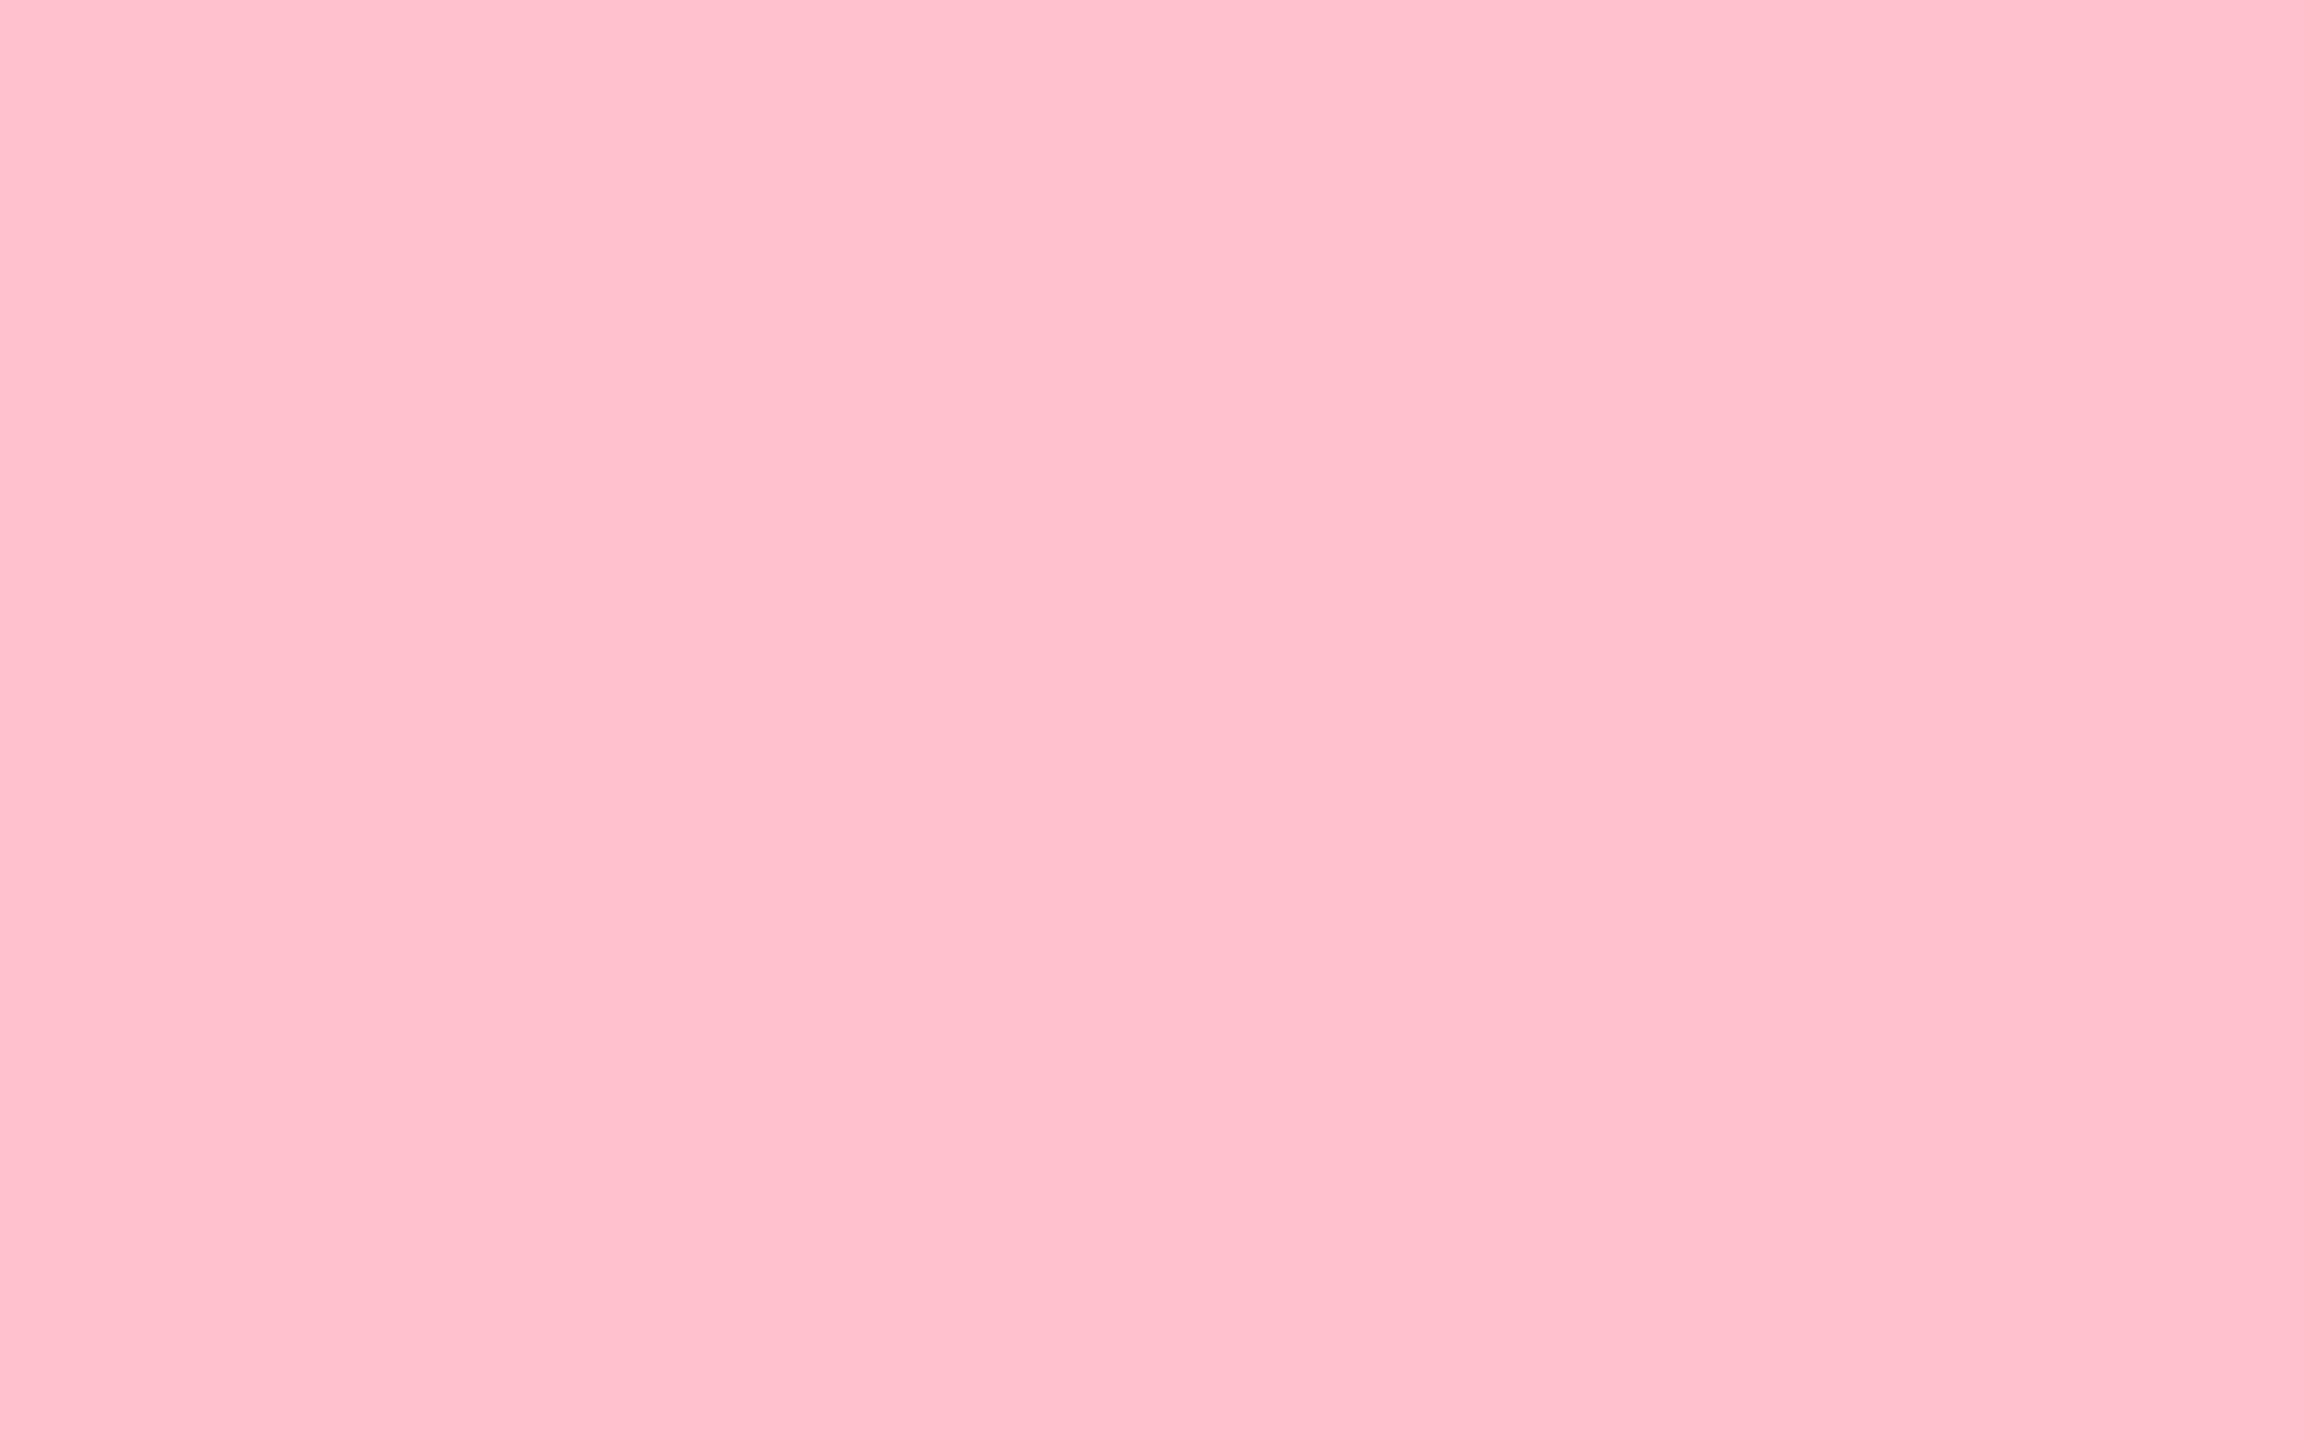 2304x1440 Bubble Gum Solid Color Background